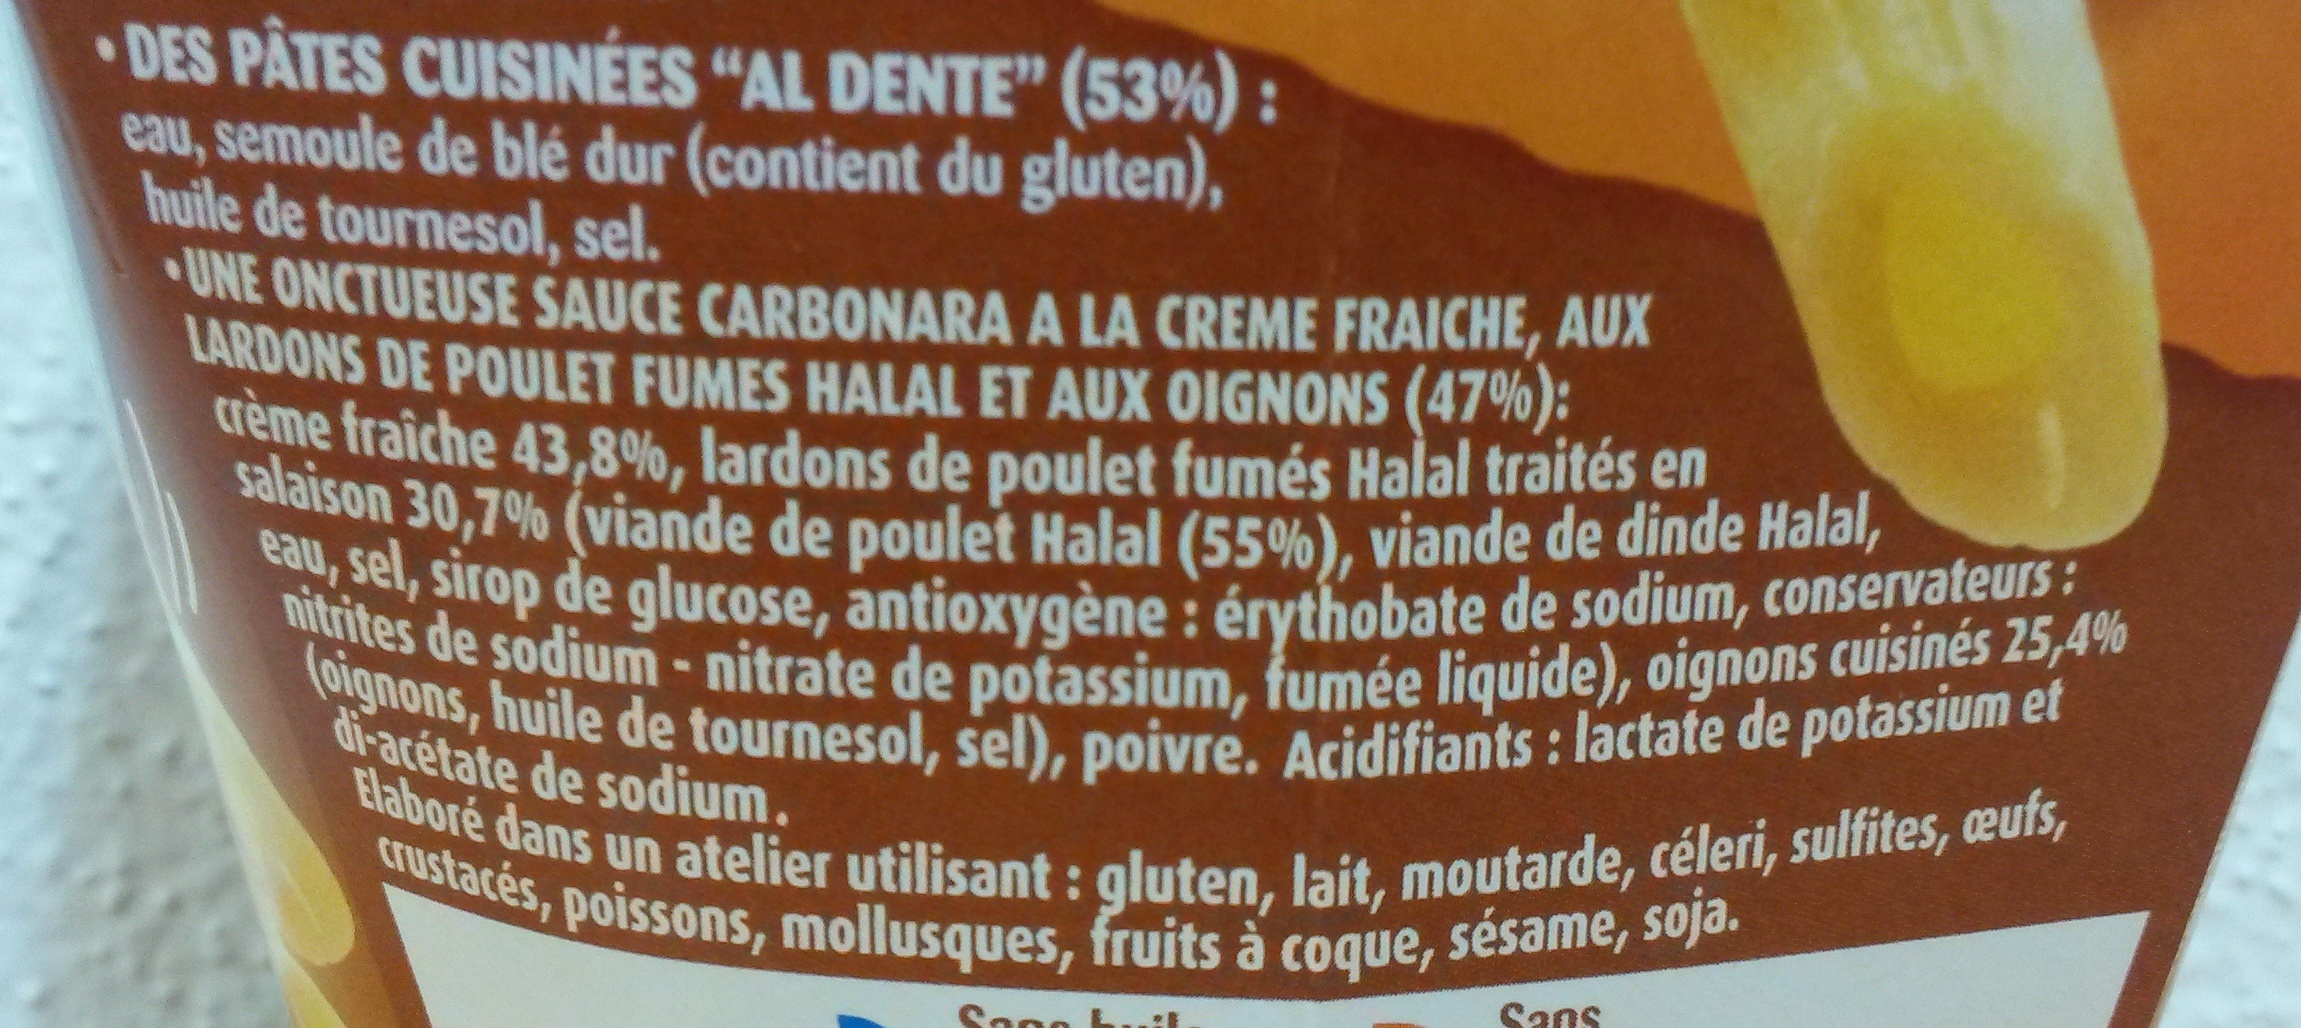 Penne Carbonara (Lardons de poulet, Crème Fraîche), Halal - Ingrédients - fr